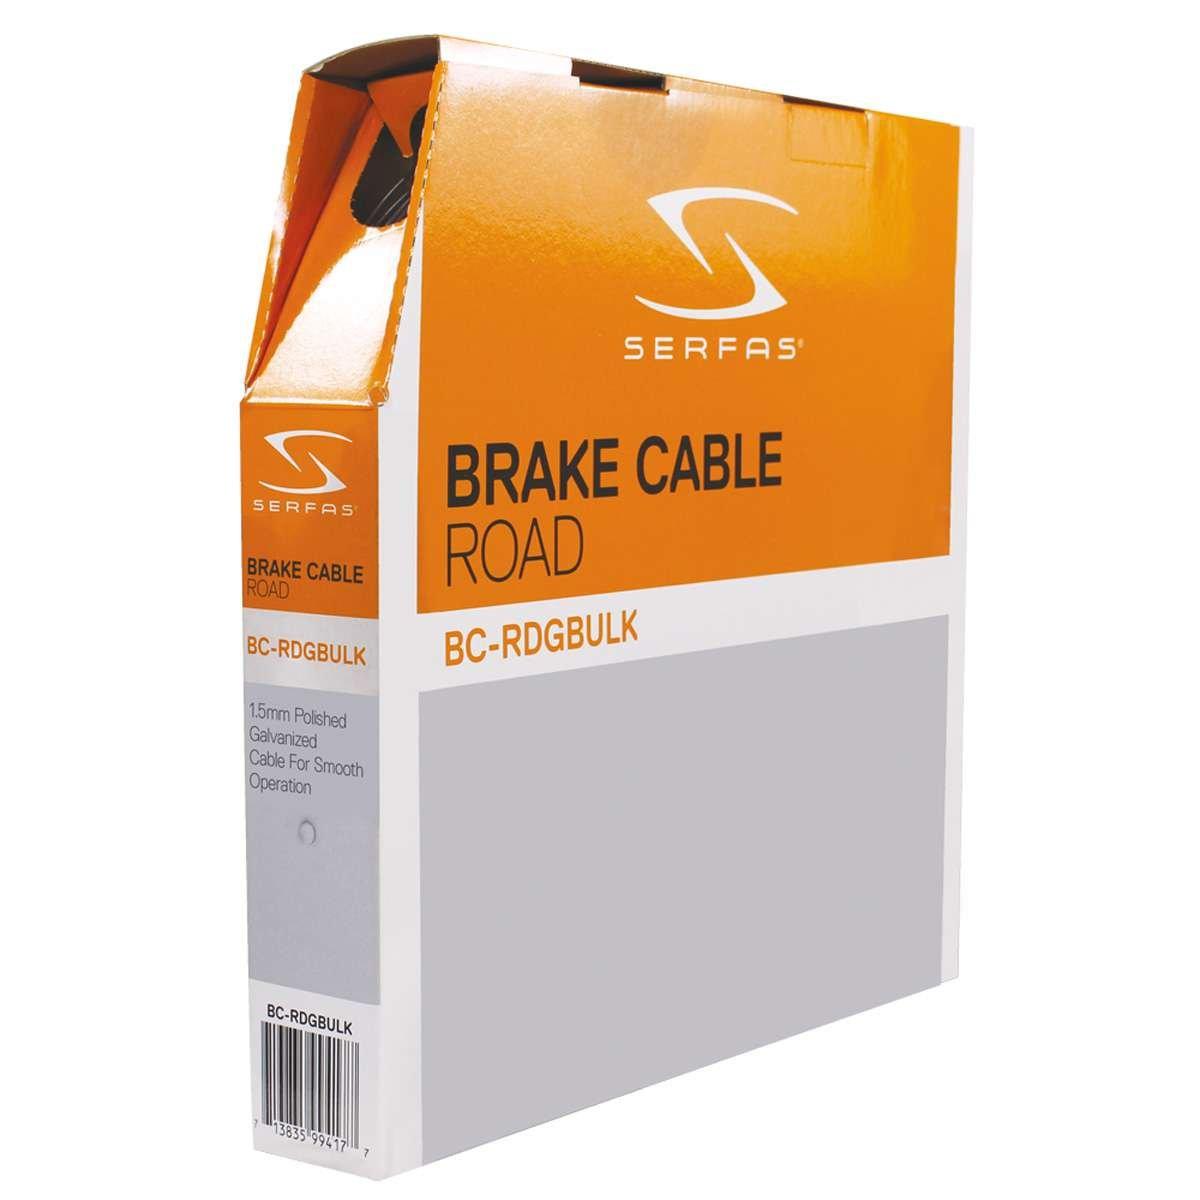 Serfasロード自転車亜鉛メッキスチールブレーキケーブル – バルクボックス – bc-rdgbulk B076GB2BPH